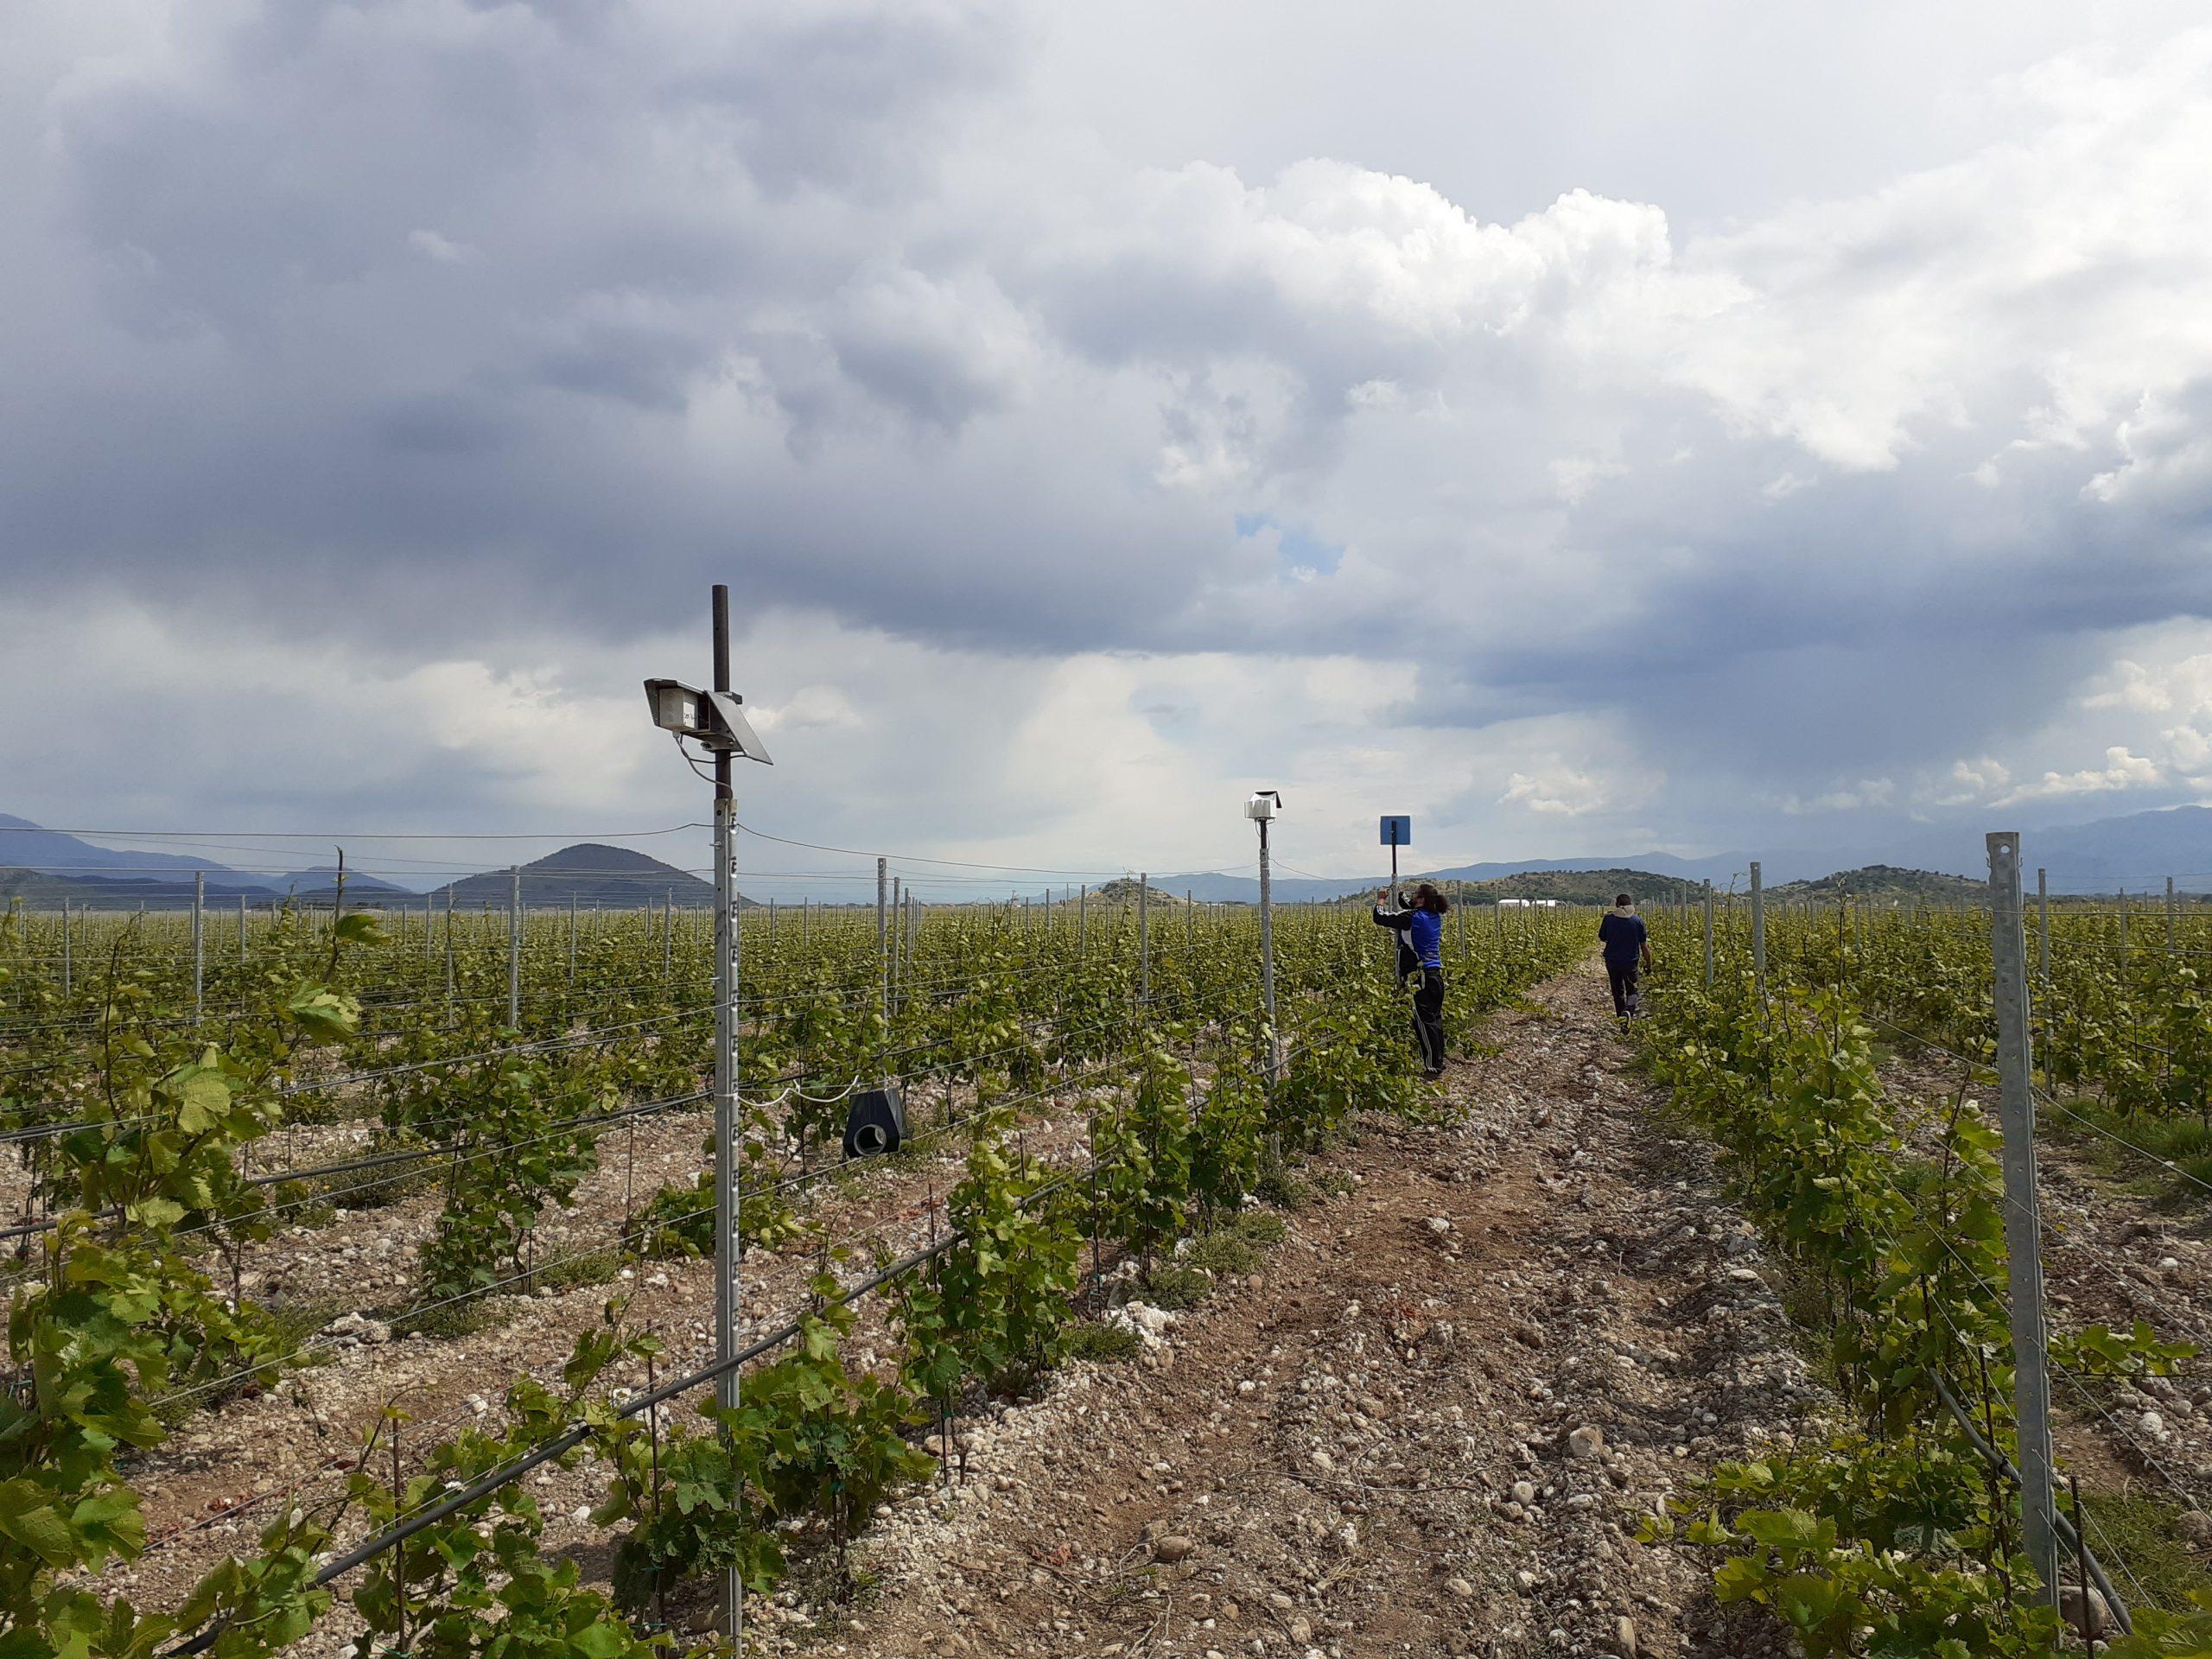 Sensors being deployed in vineyards